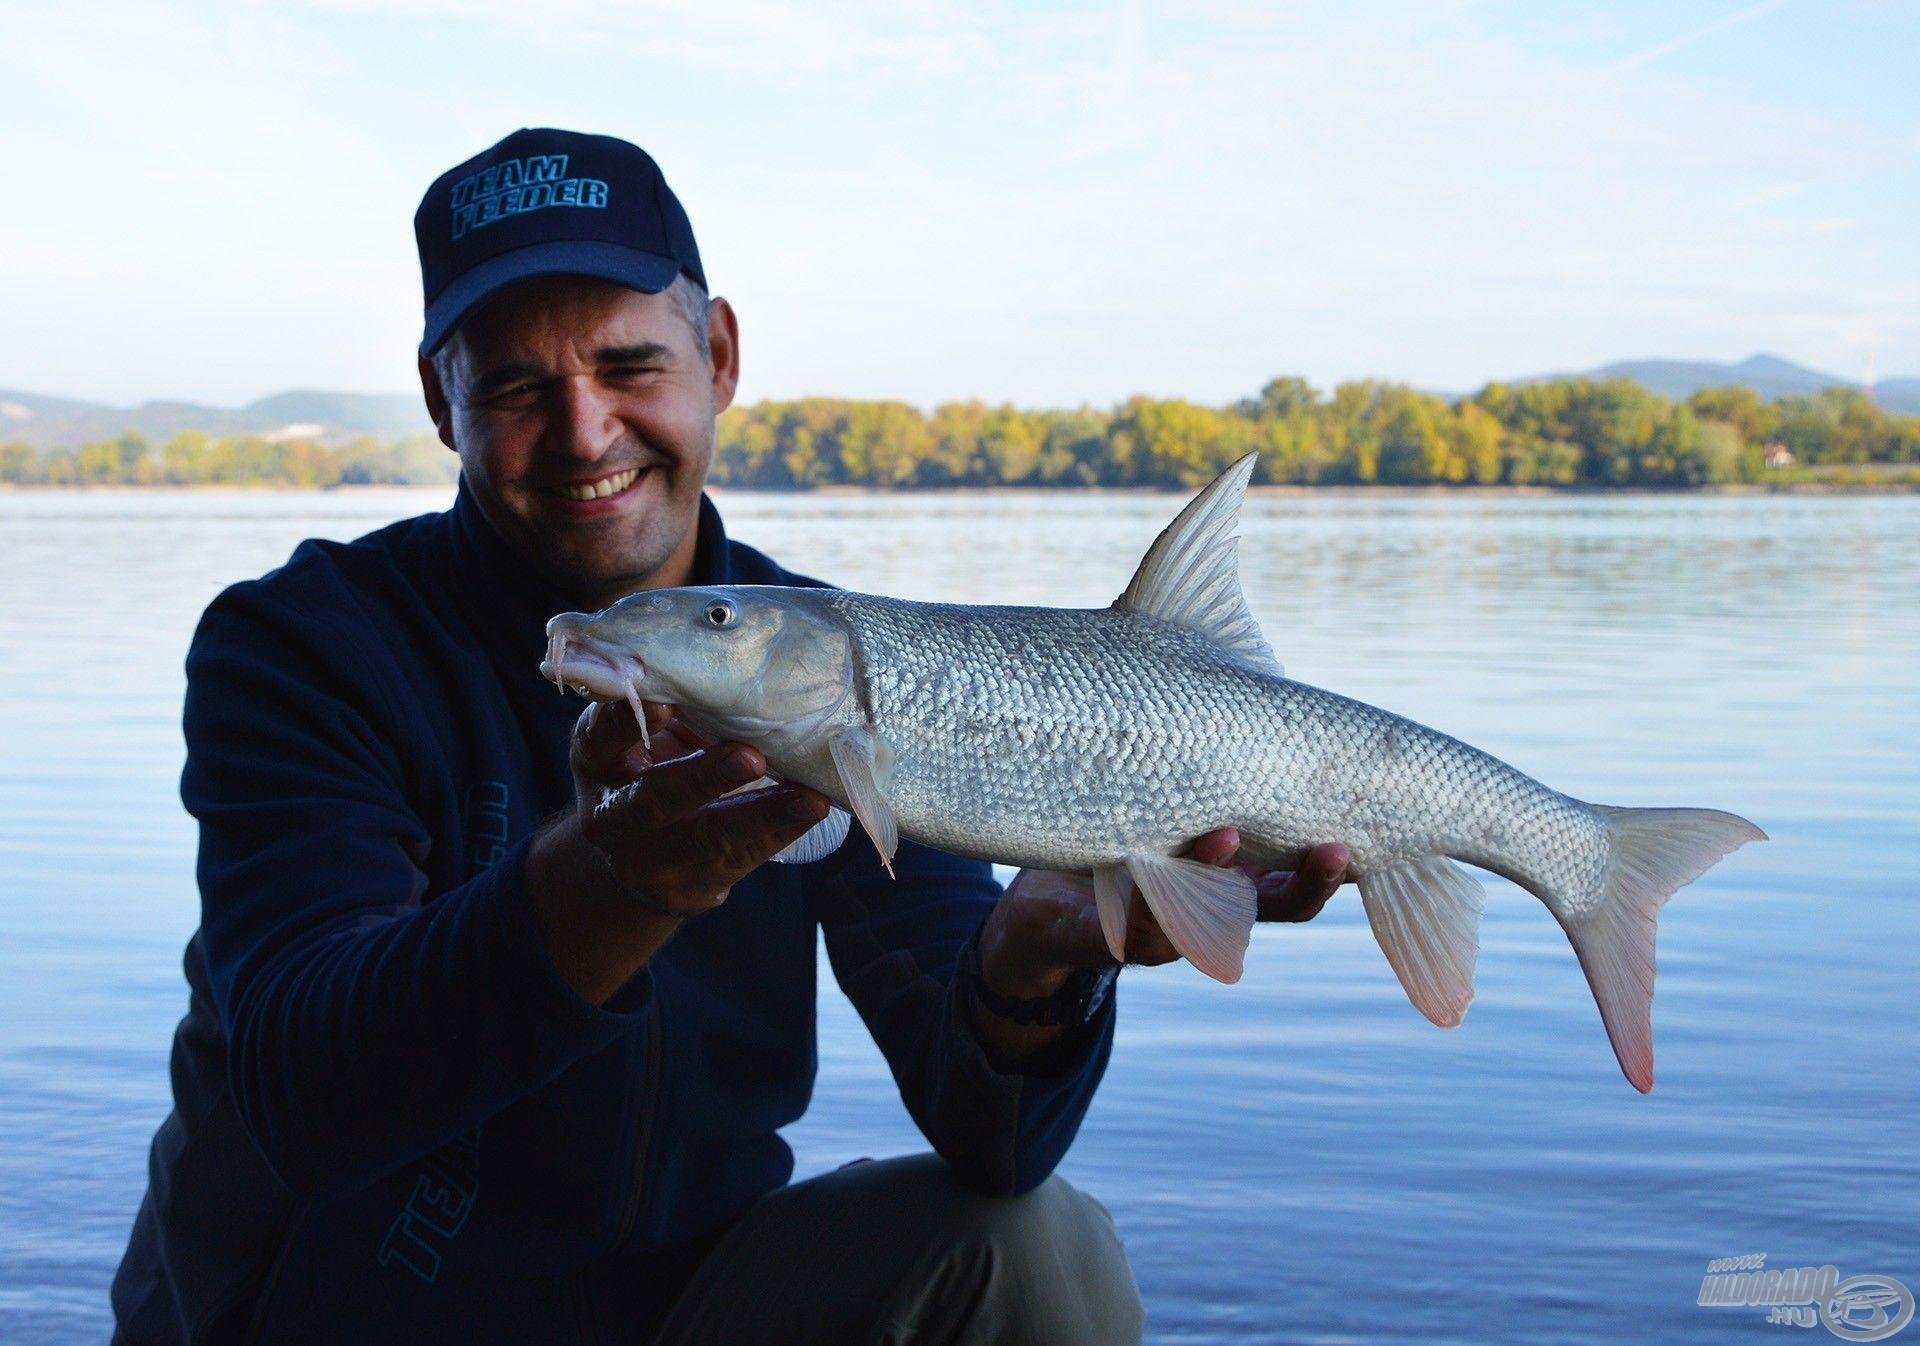 Az igazi nagy halak a parttól távolabbi régiót kedvelik, és ennek a meghorgászására már komoly kosár is kell!